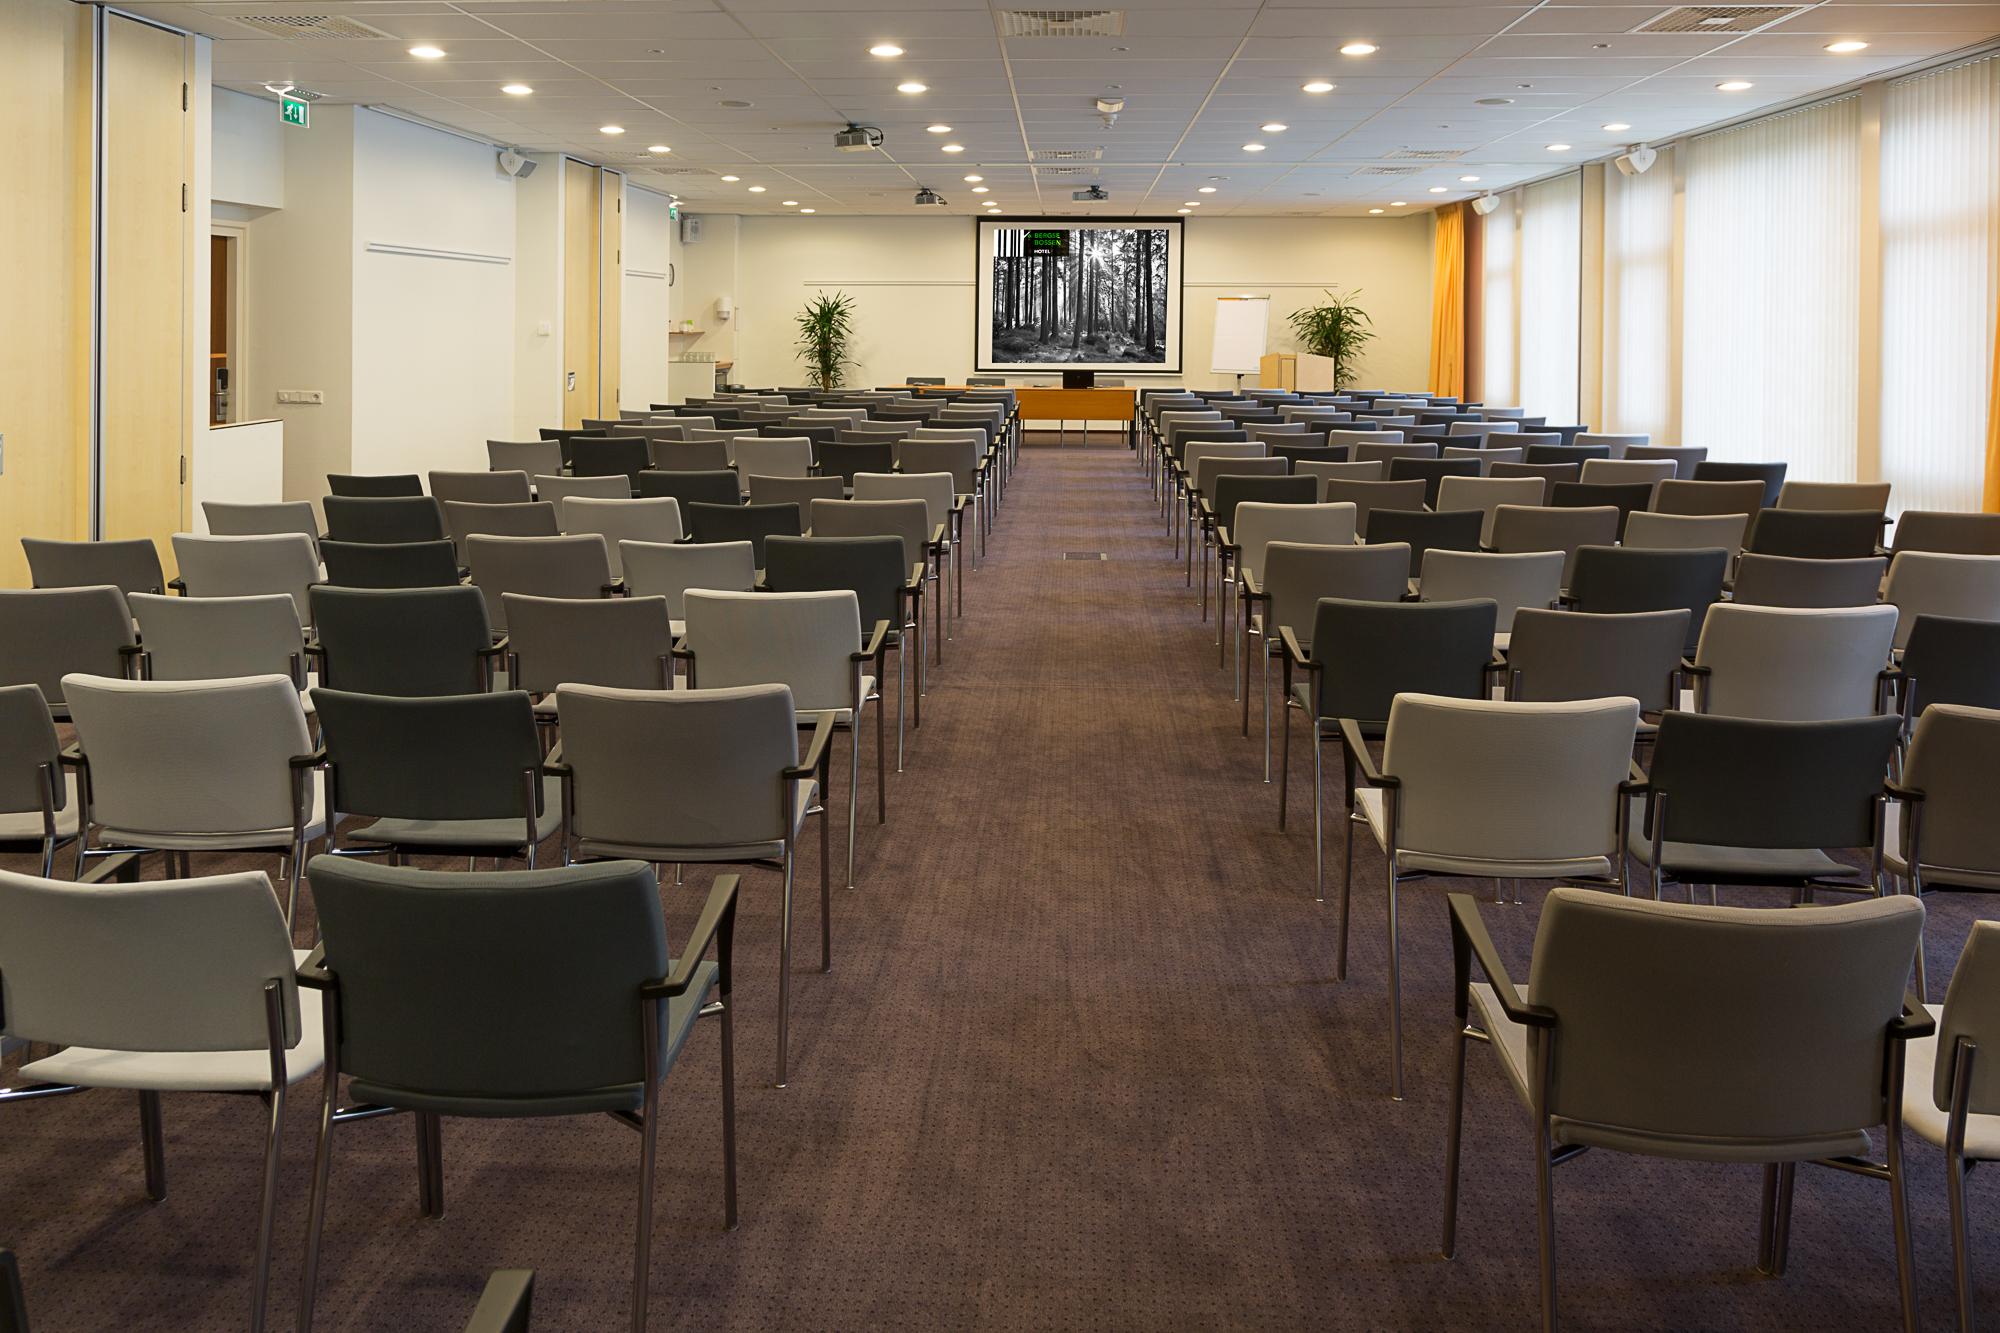 Interierfotograaf en architectuurfotograaf Robert Zwart toont een foto van conferentiezaal Bergse Bossen.